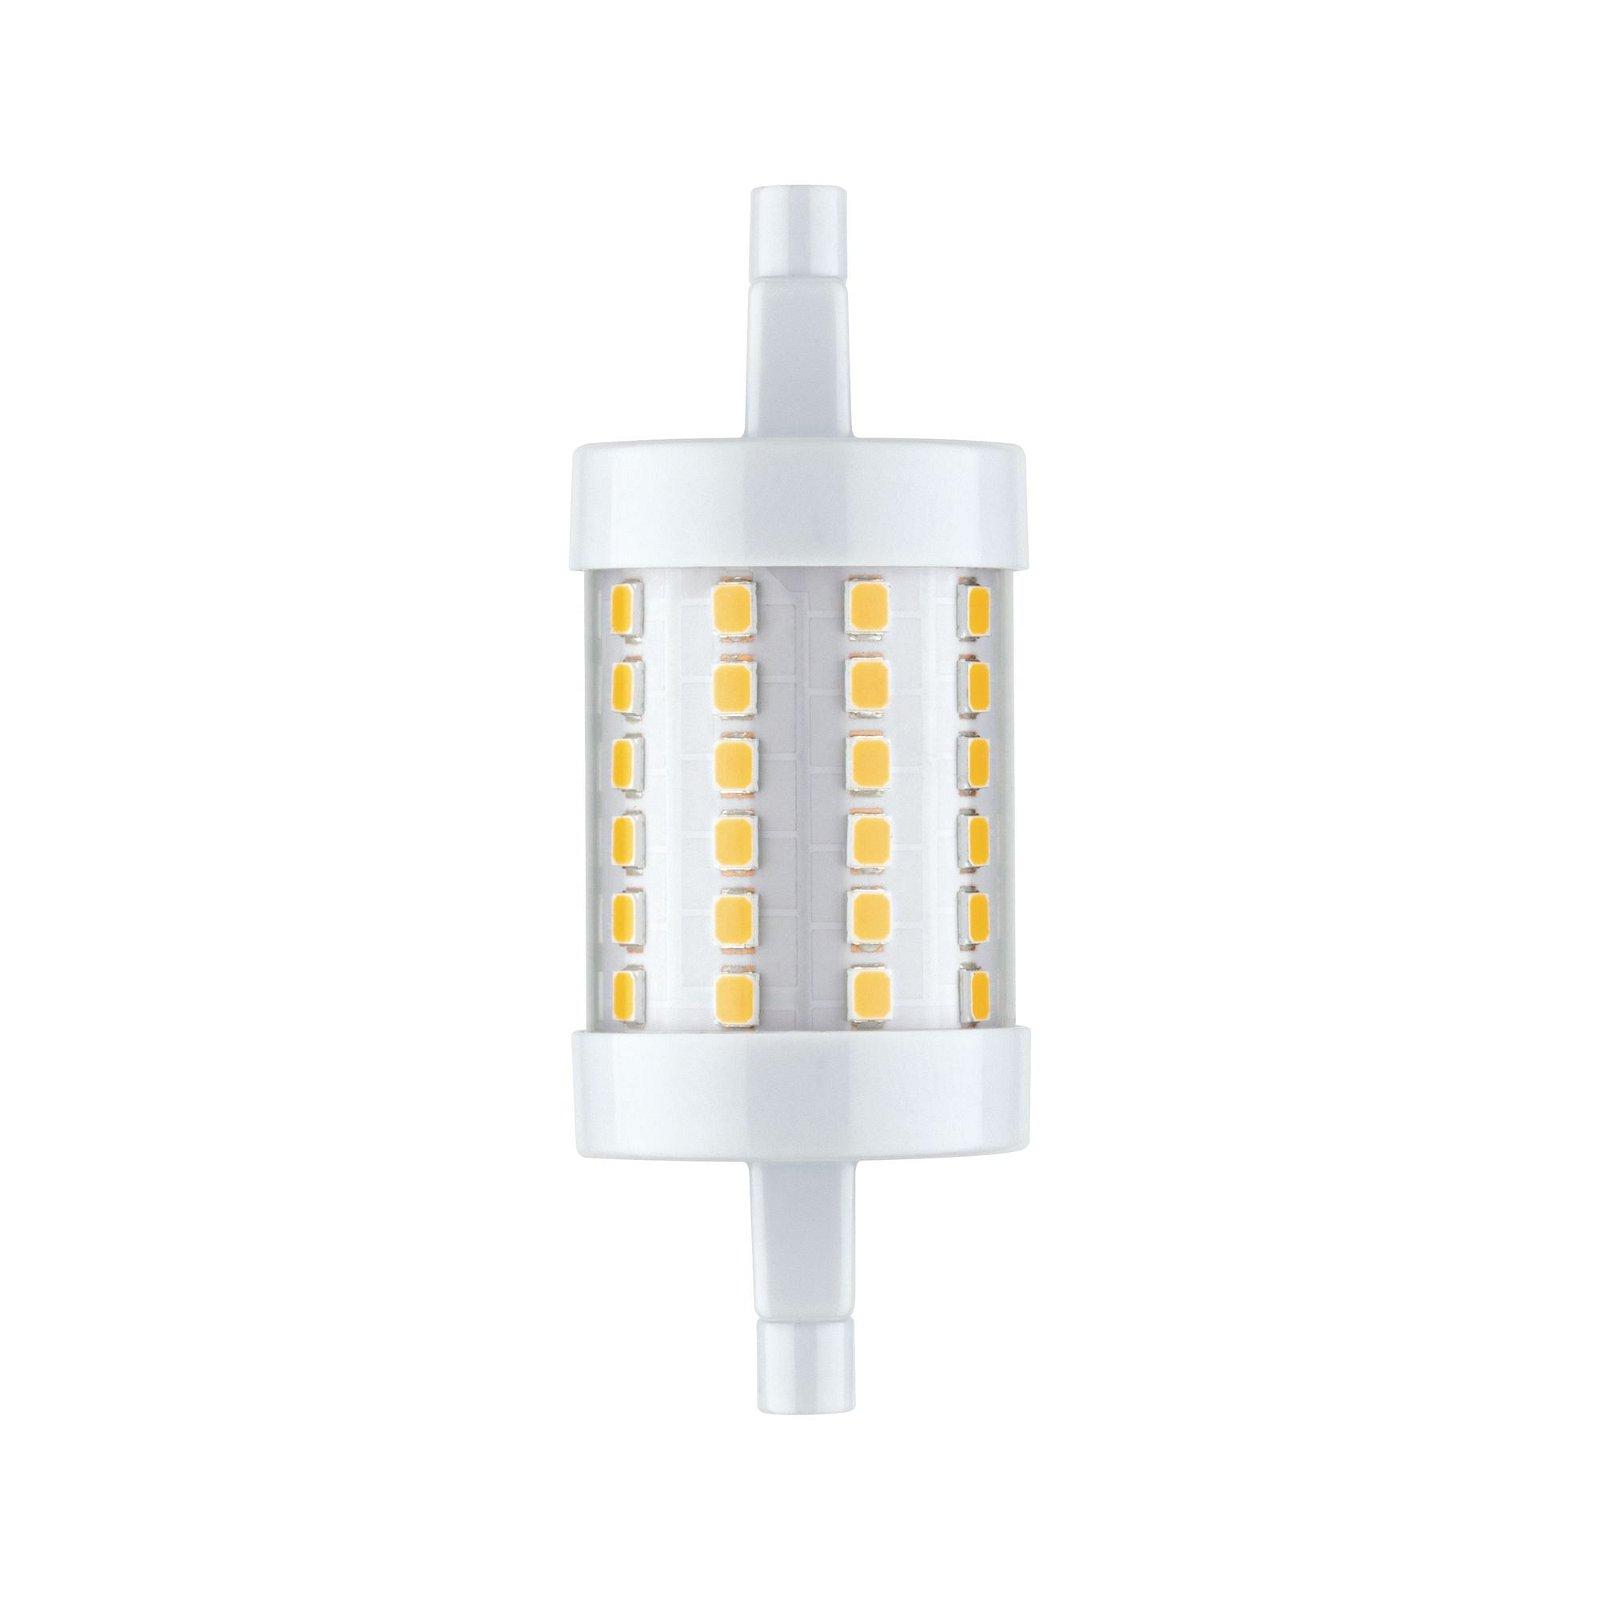 Tige LED R7s 230V 950lm 9W 2700K